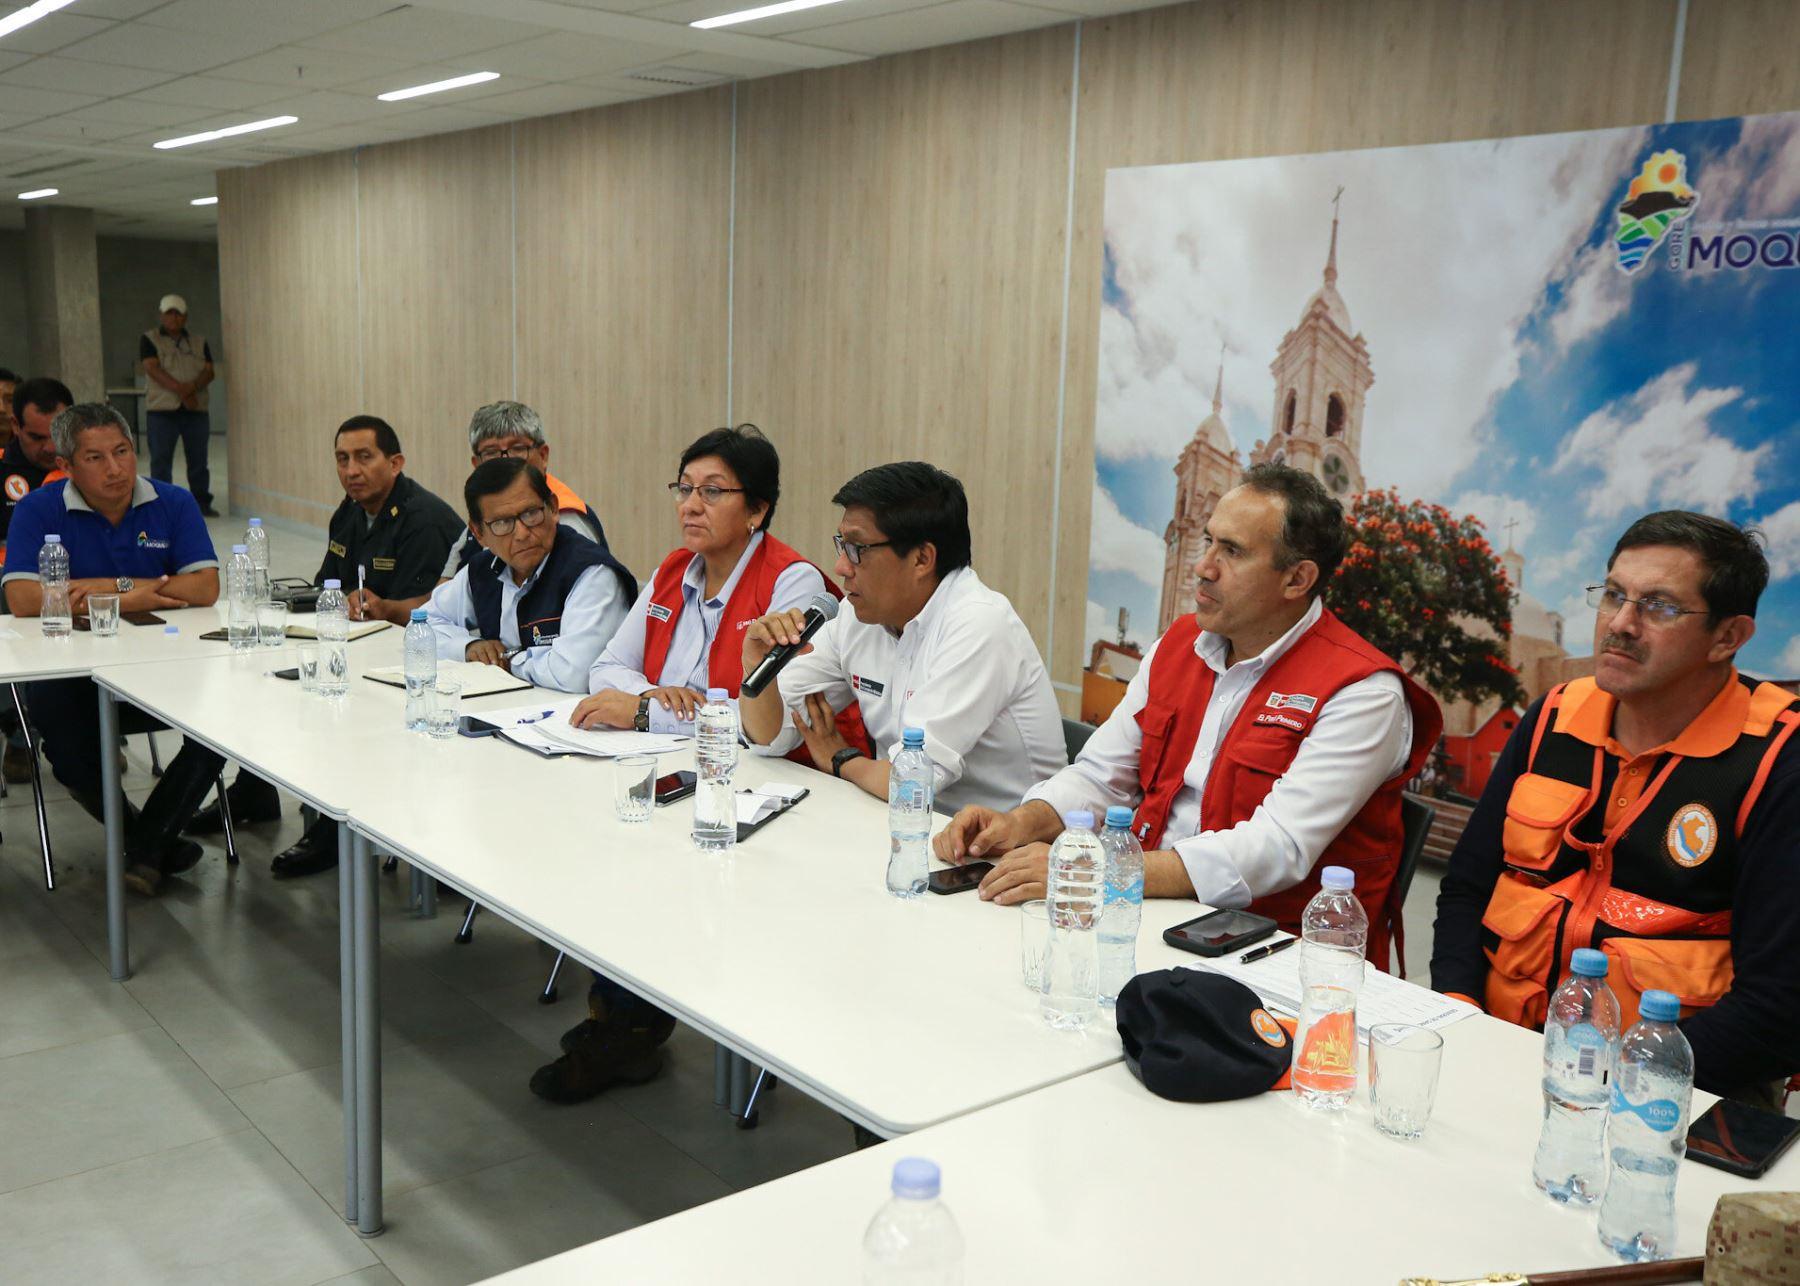 Jefe del Gabinete Ministerial, Vicente Zeballos, se reunió con autoridades de la región Moquegua.